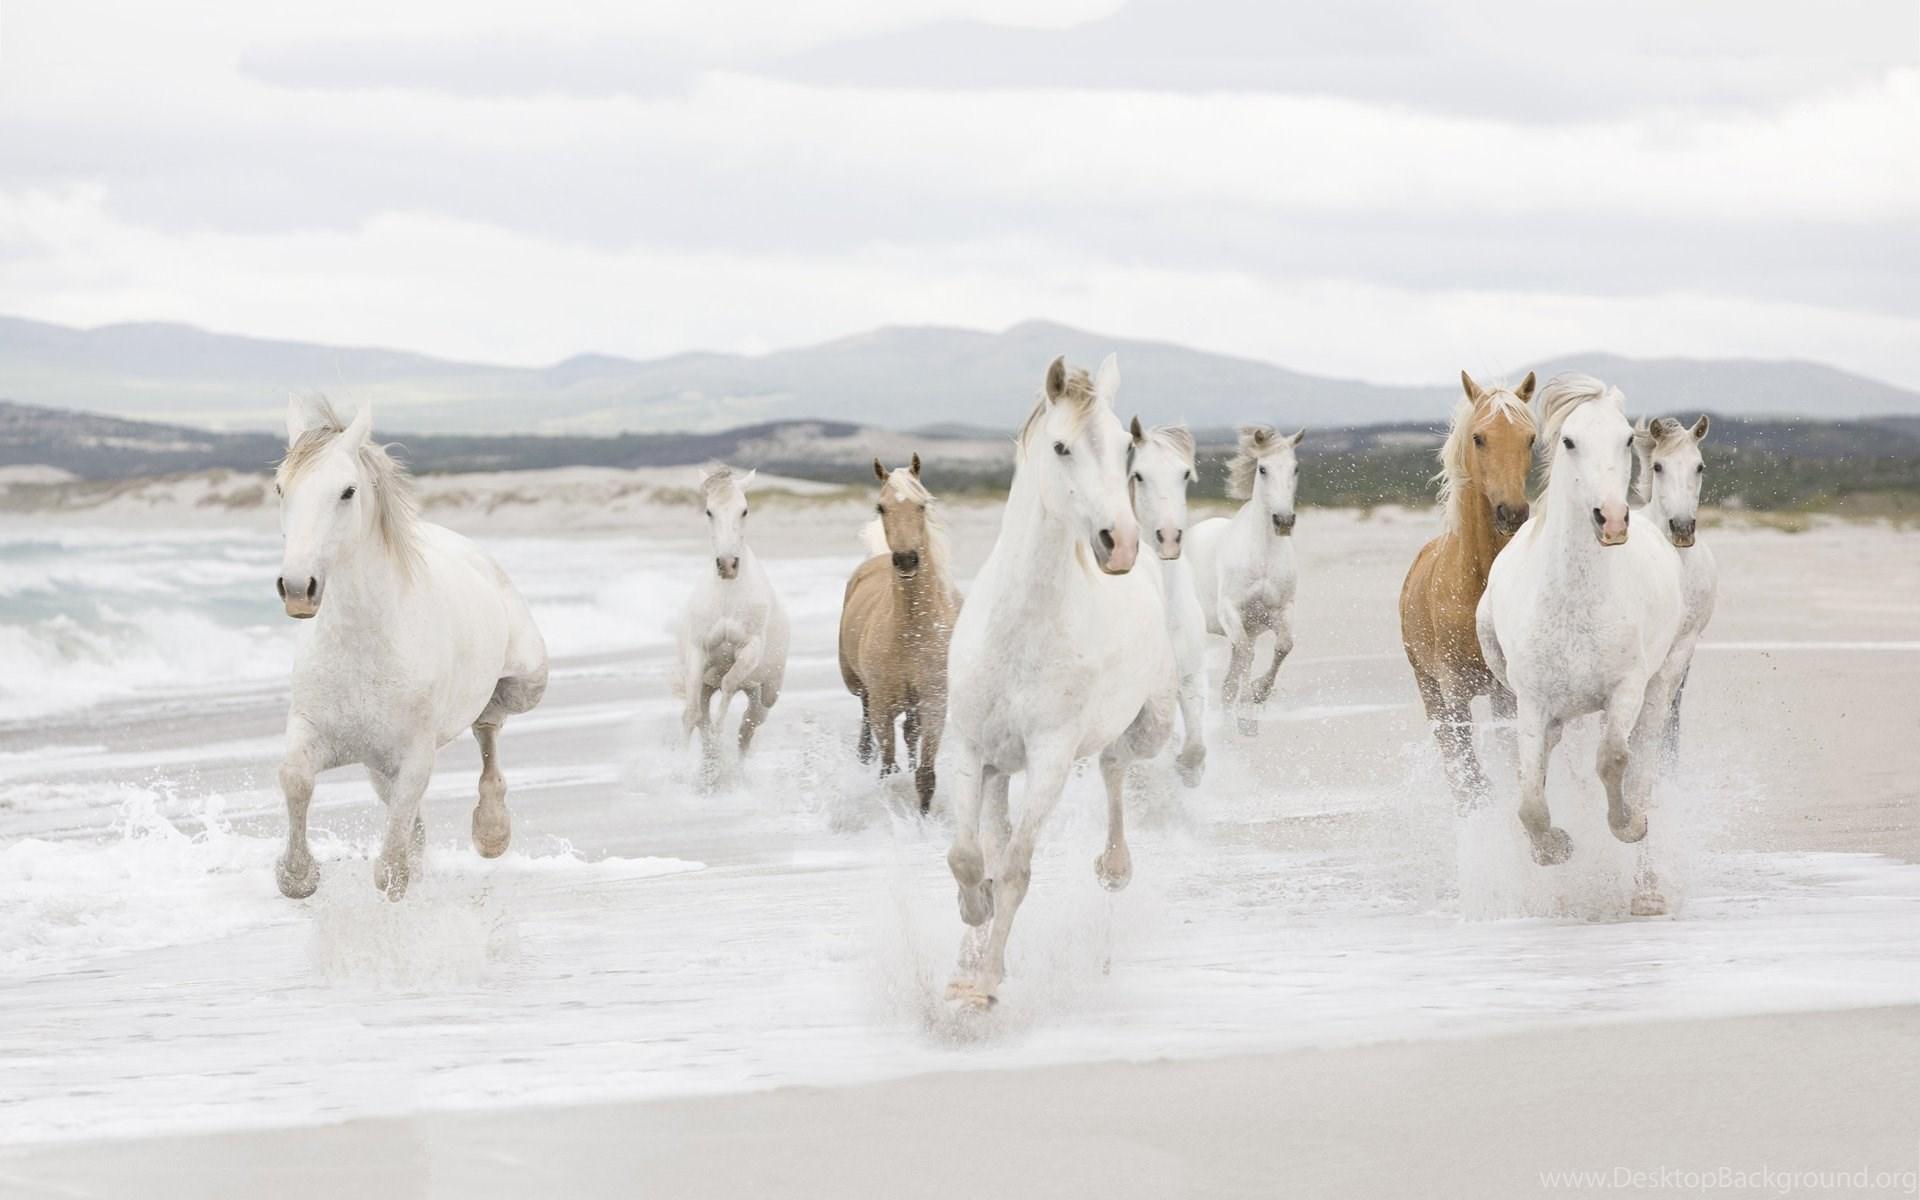 Seven White Running Horses Wallpapers WeSharePics Desktop Background